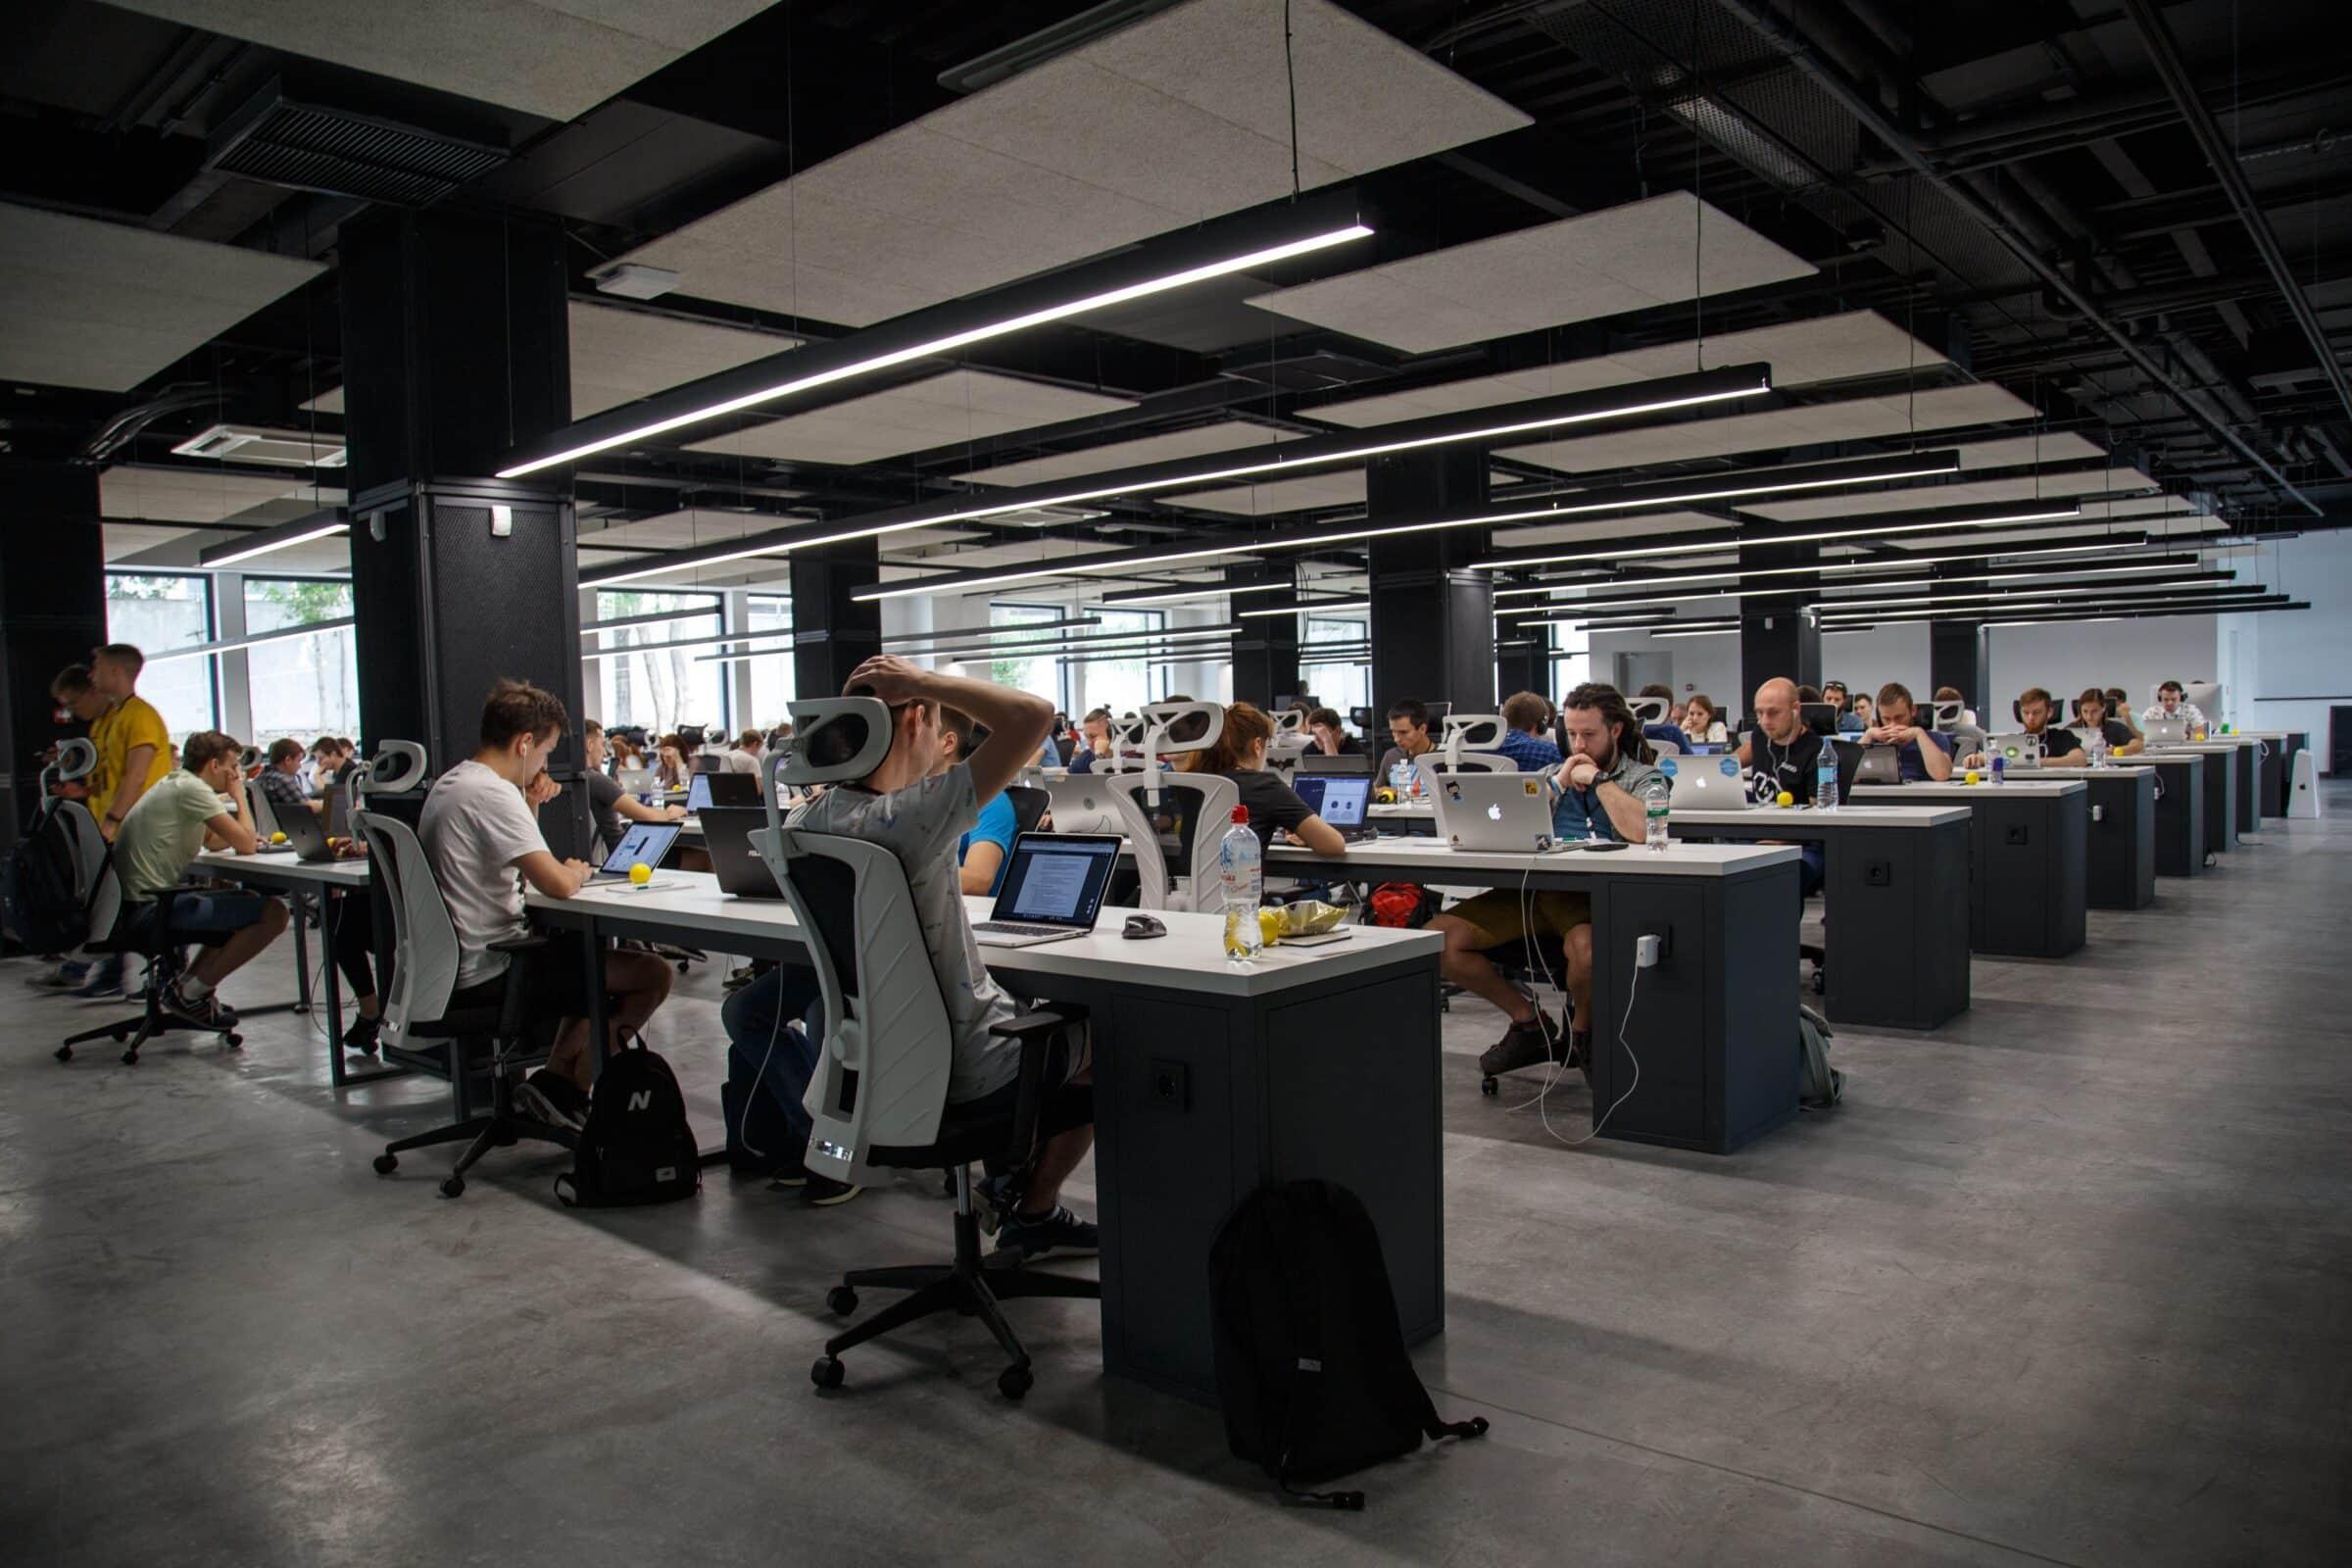 Ufficio Open Space Opinioni : Uffici open space cosa non funziona bianco lavoro magazine